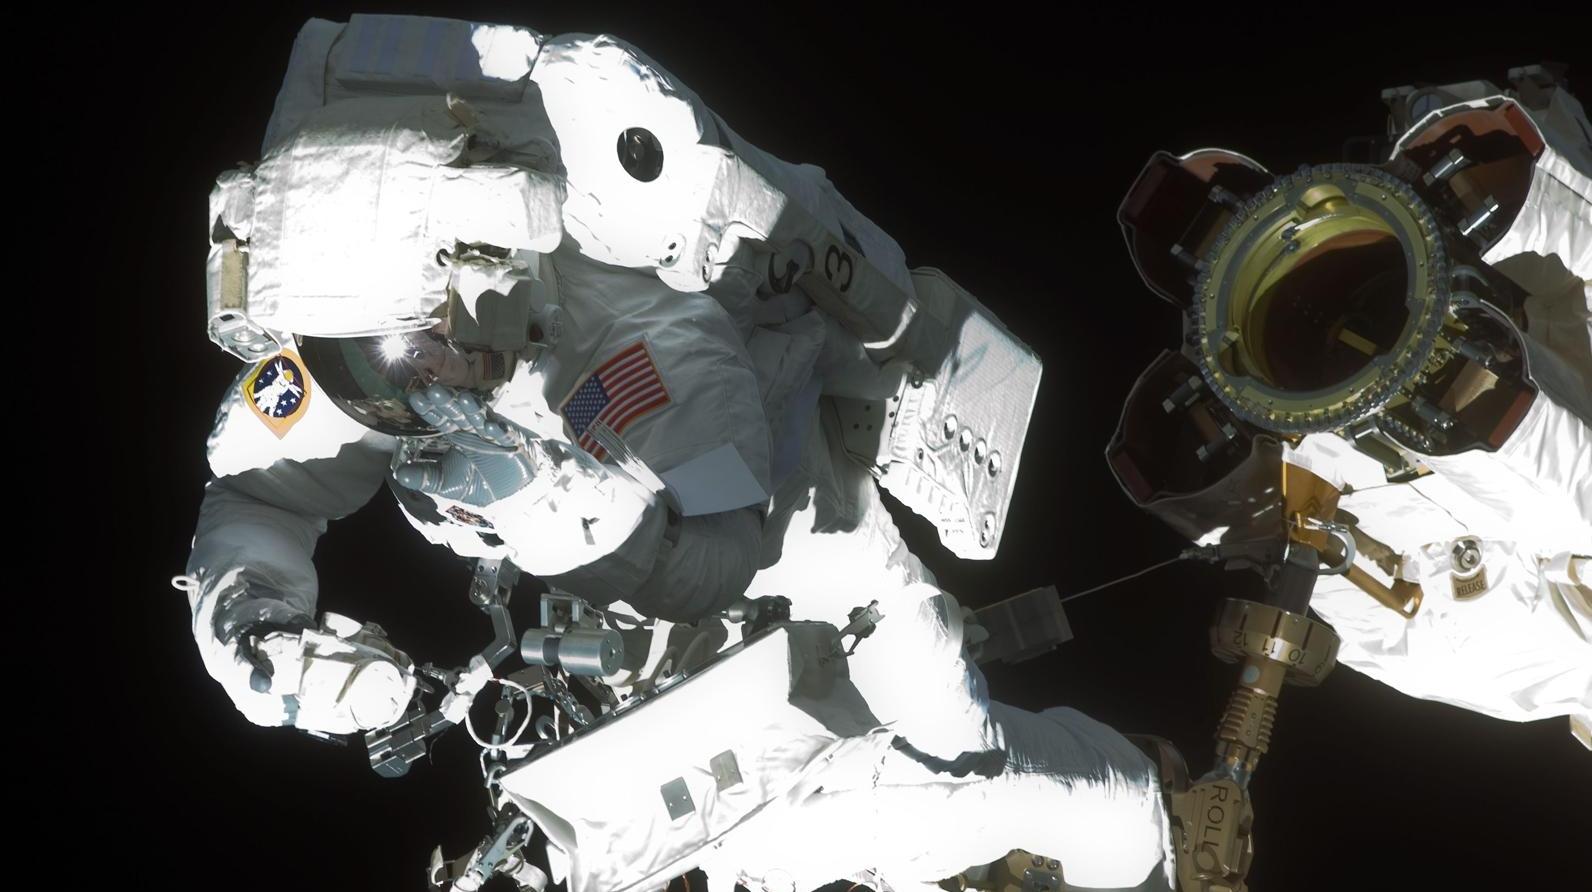 Astronautul Mike Foreman duce la bun sfârşit o misiune la exteriorul ISS.